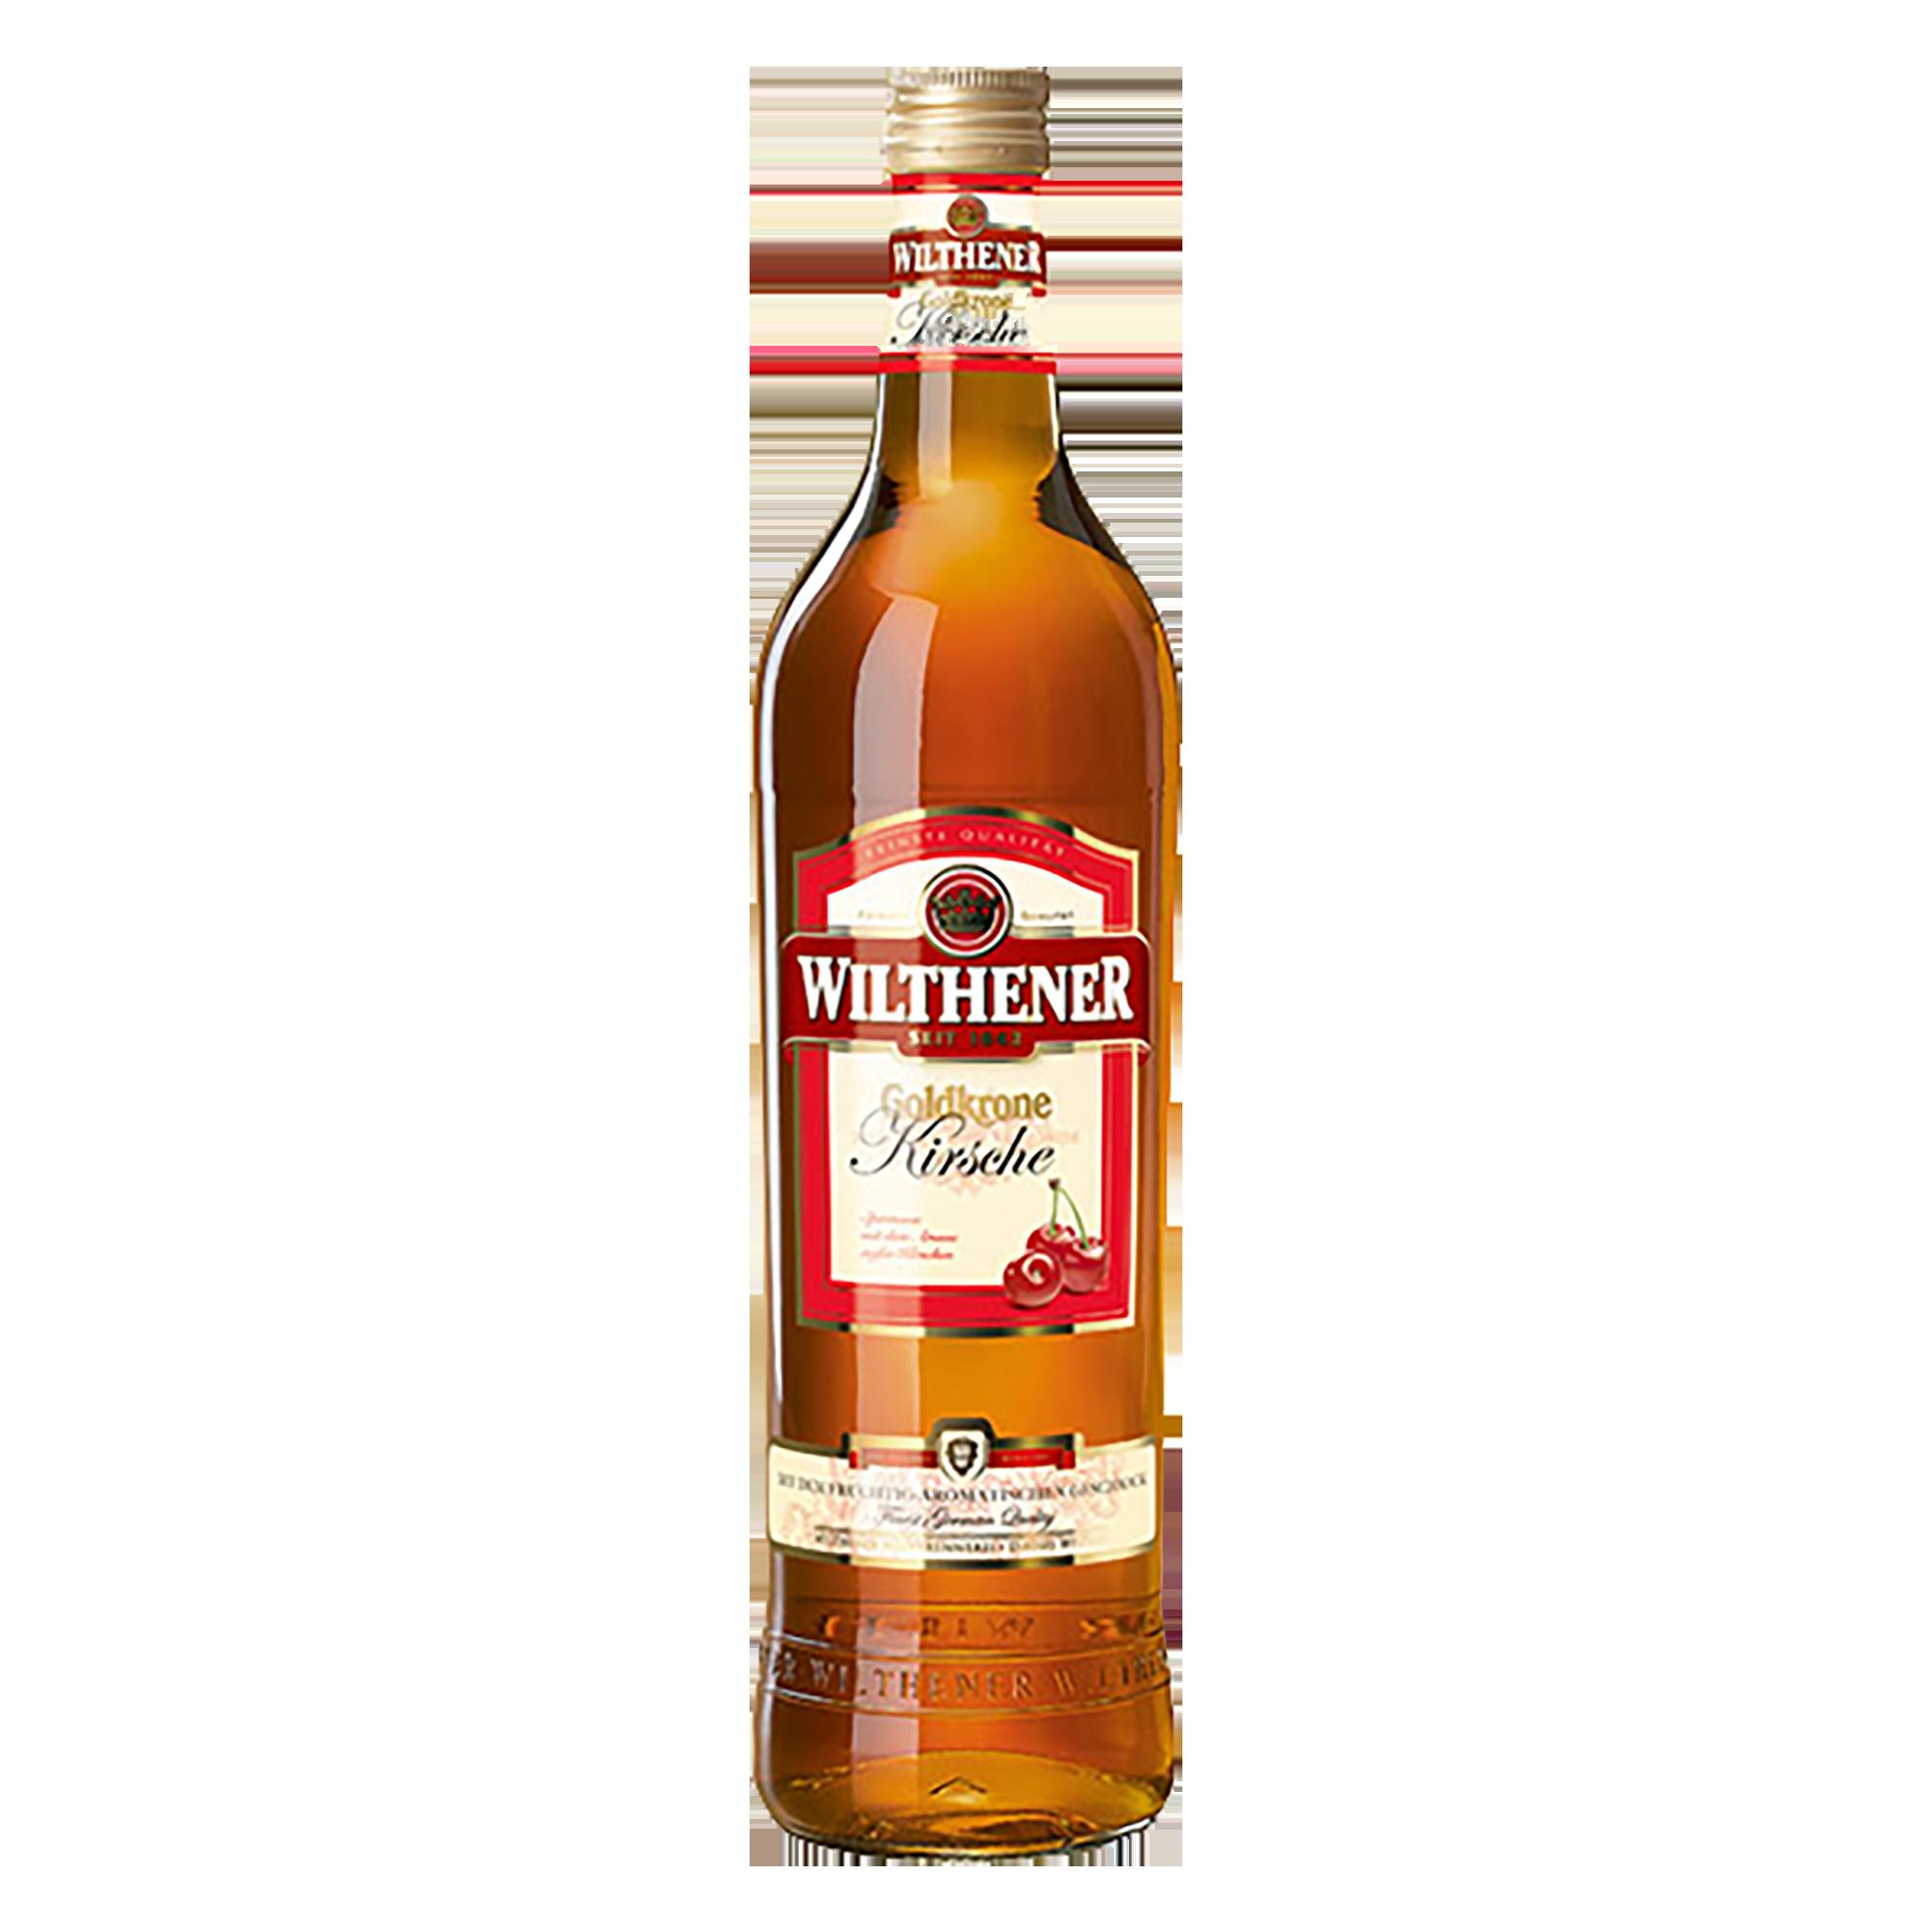 Wilthener Goldkrone Kirsche 0,7l